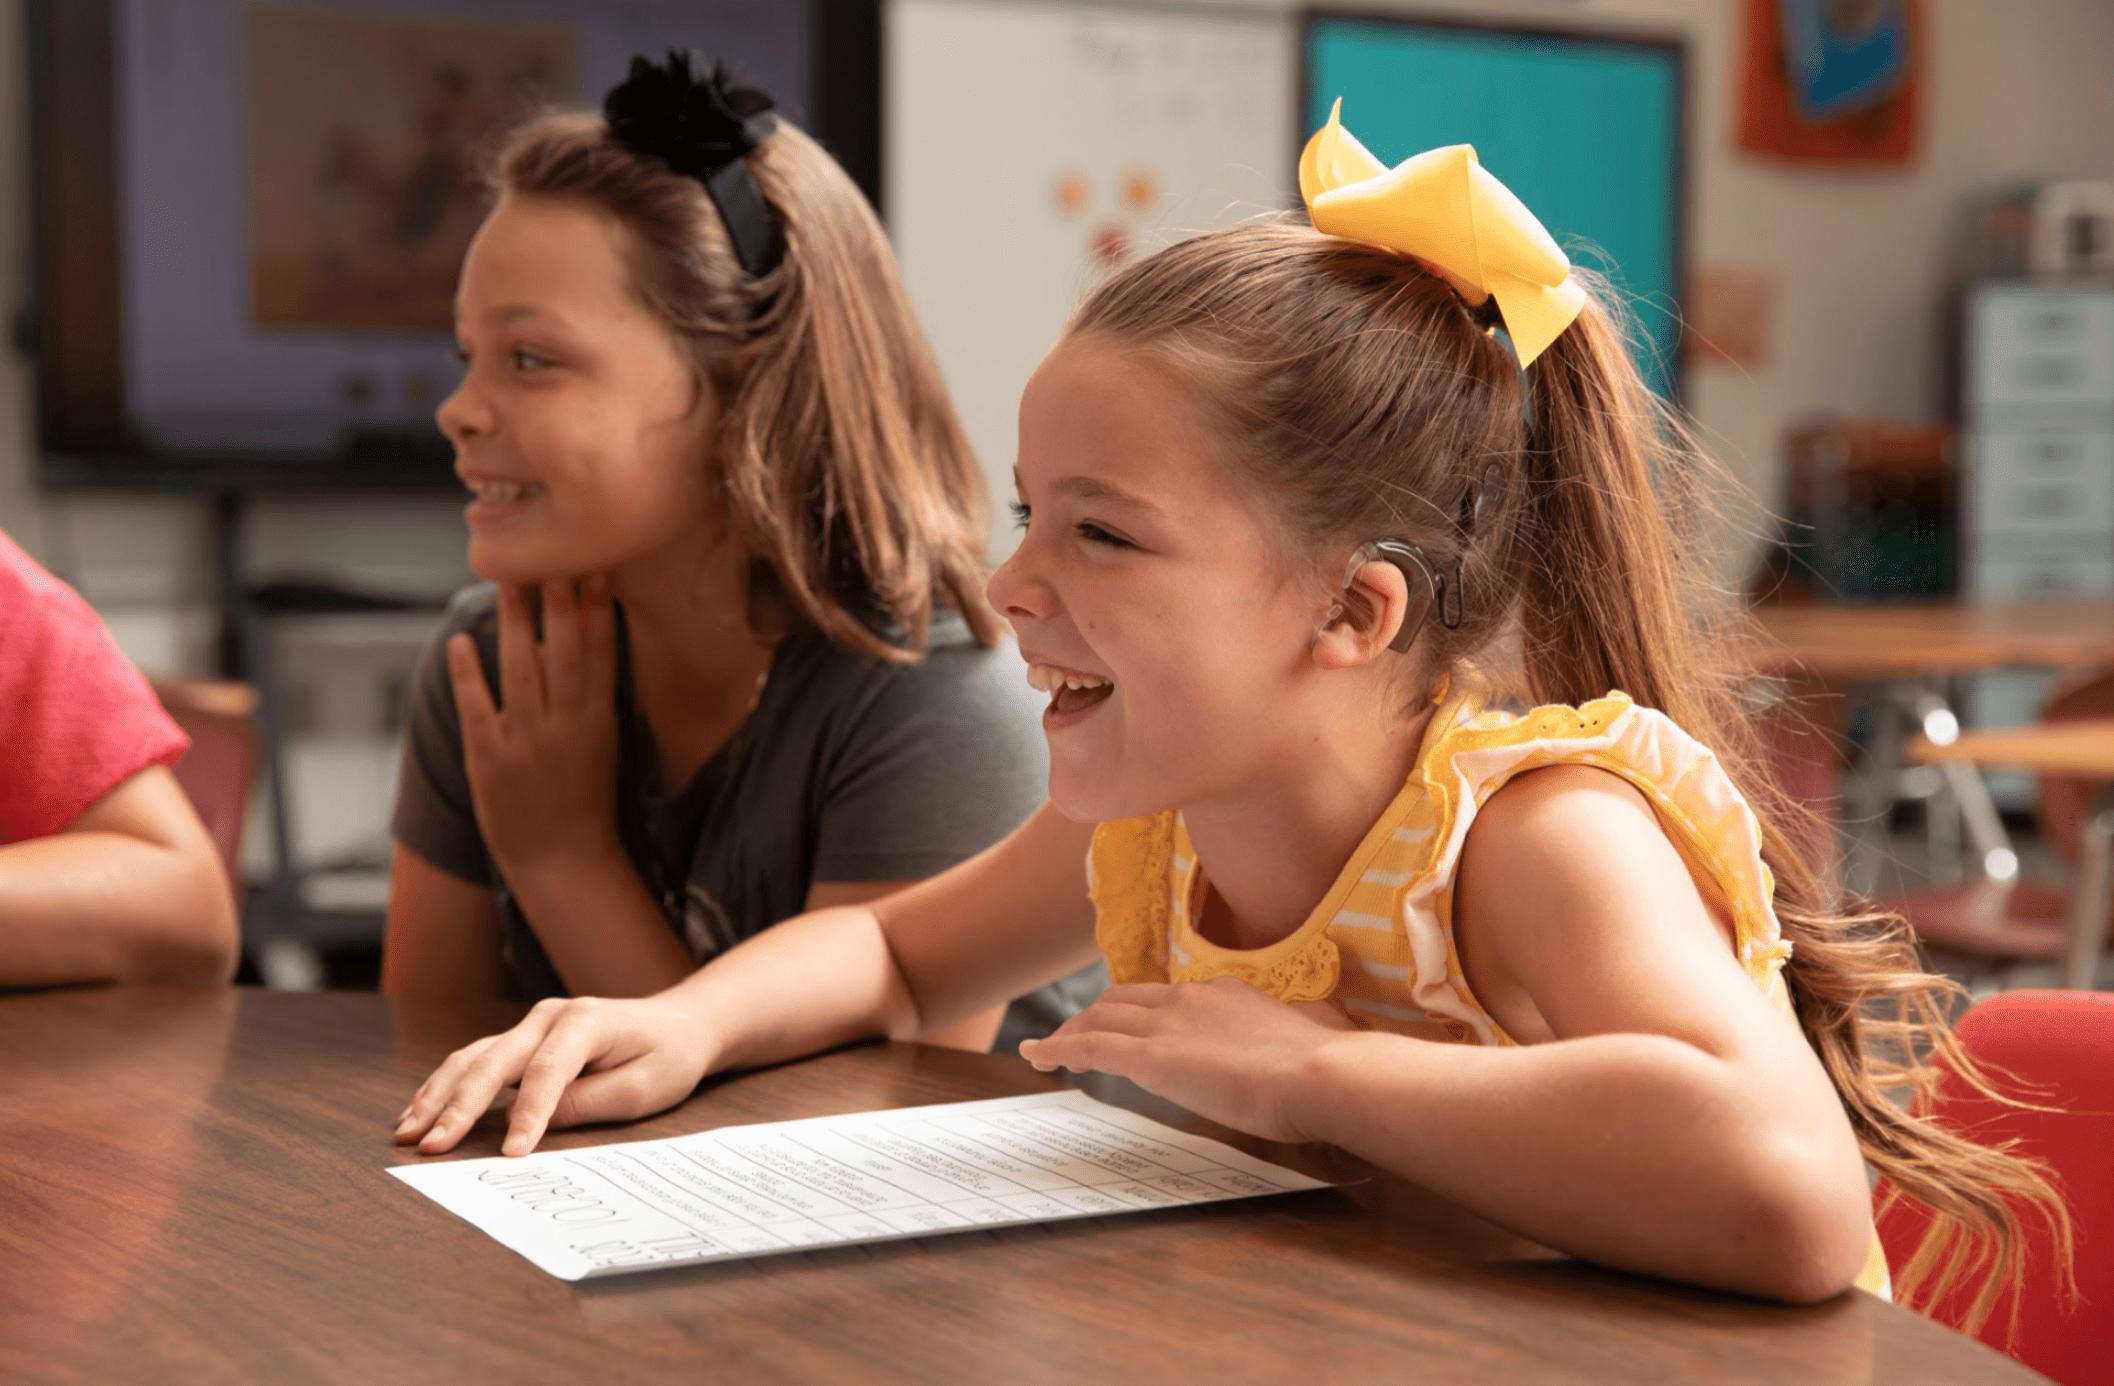 Perda auditiva em crianças